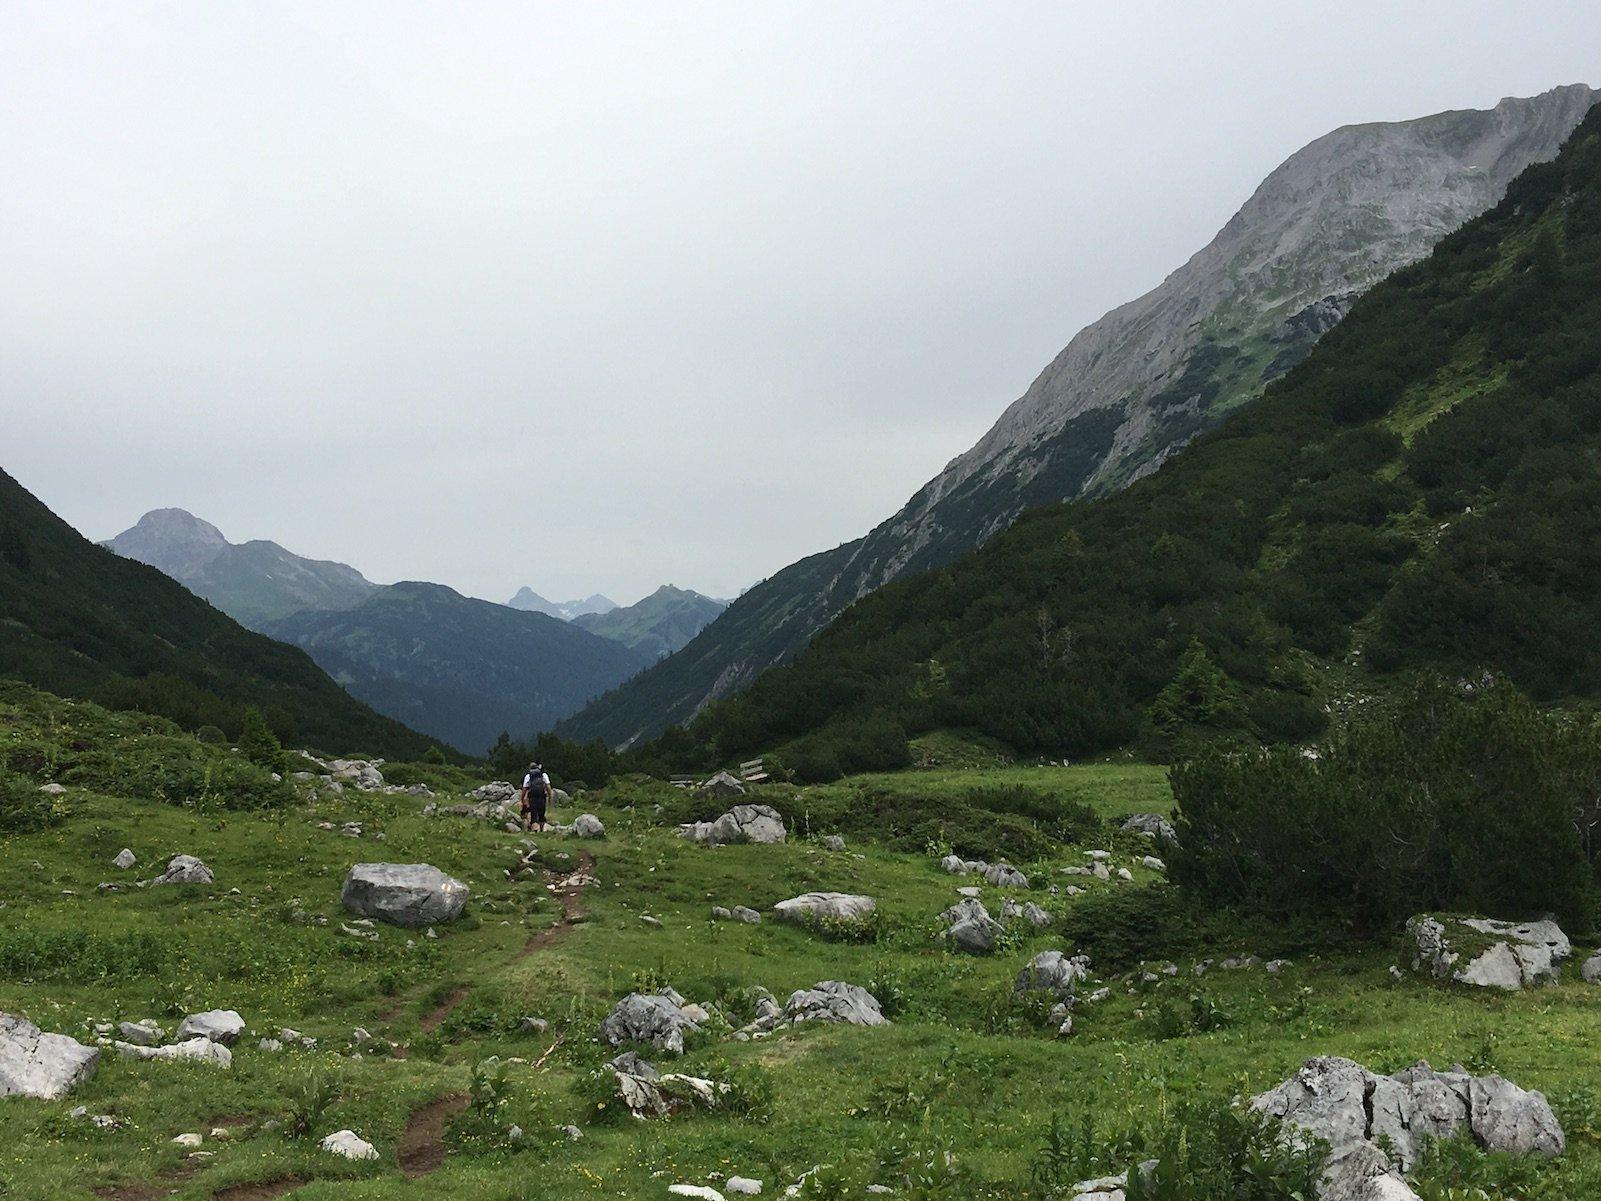 In guter Entfernung sind auch andere Wanderer zu sehen auf dem Weg nach Lech